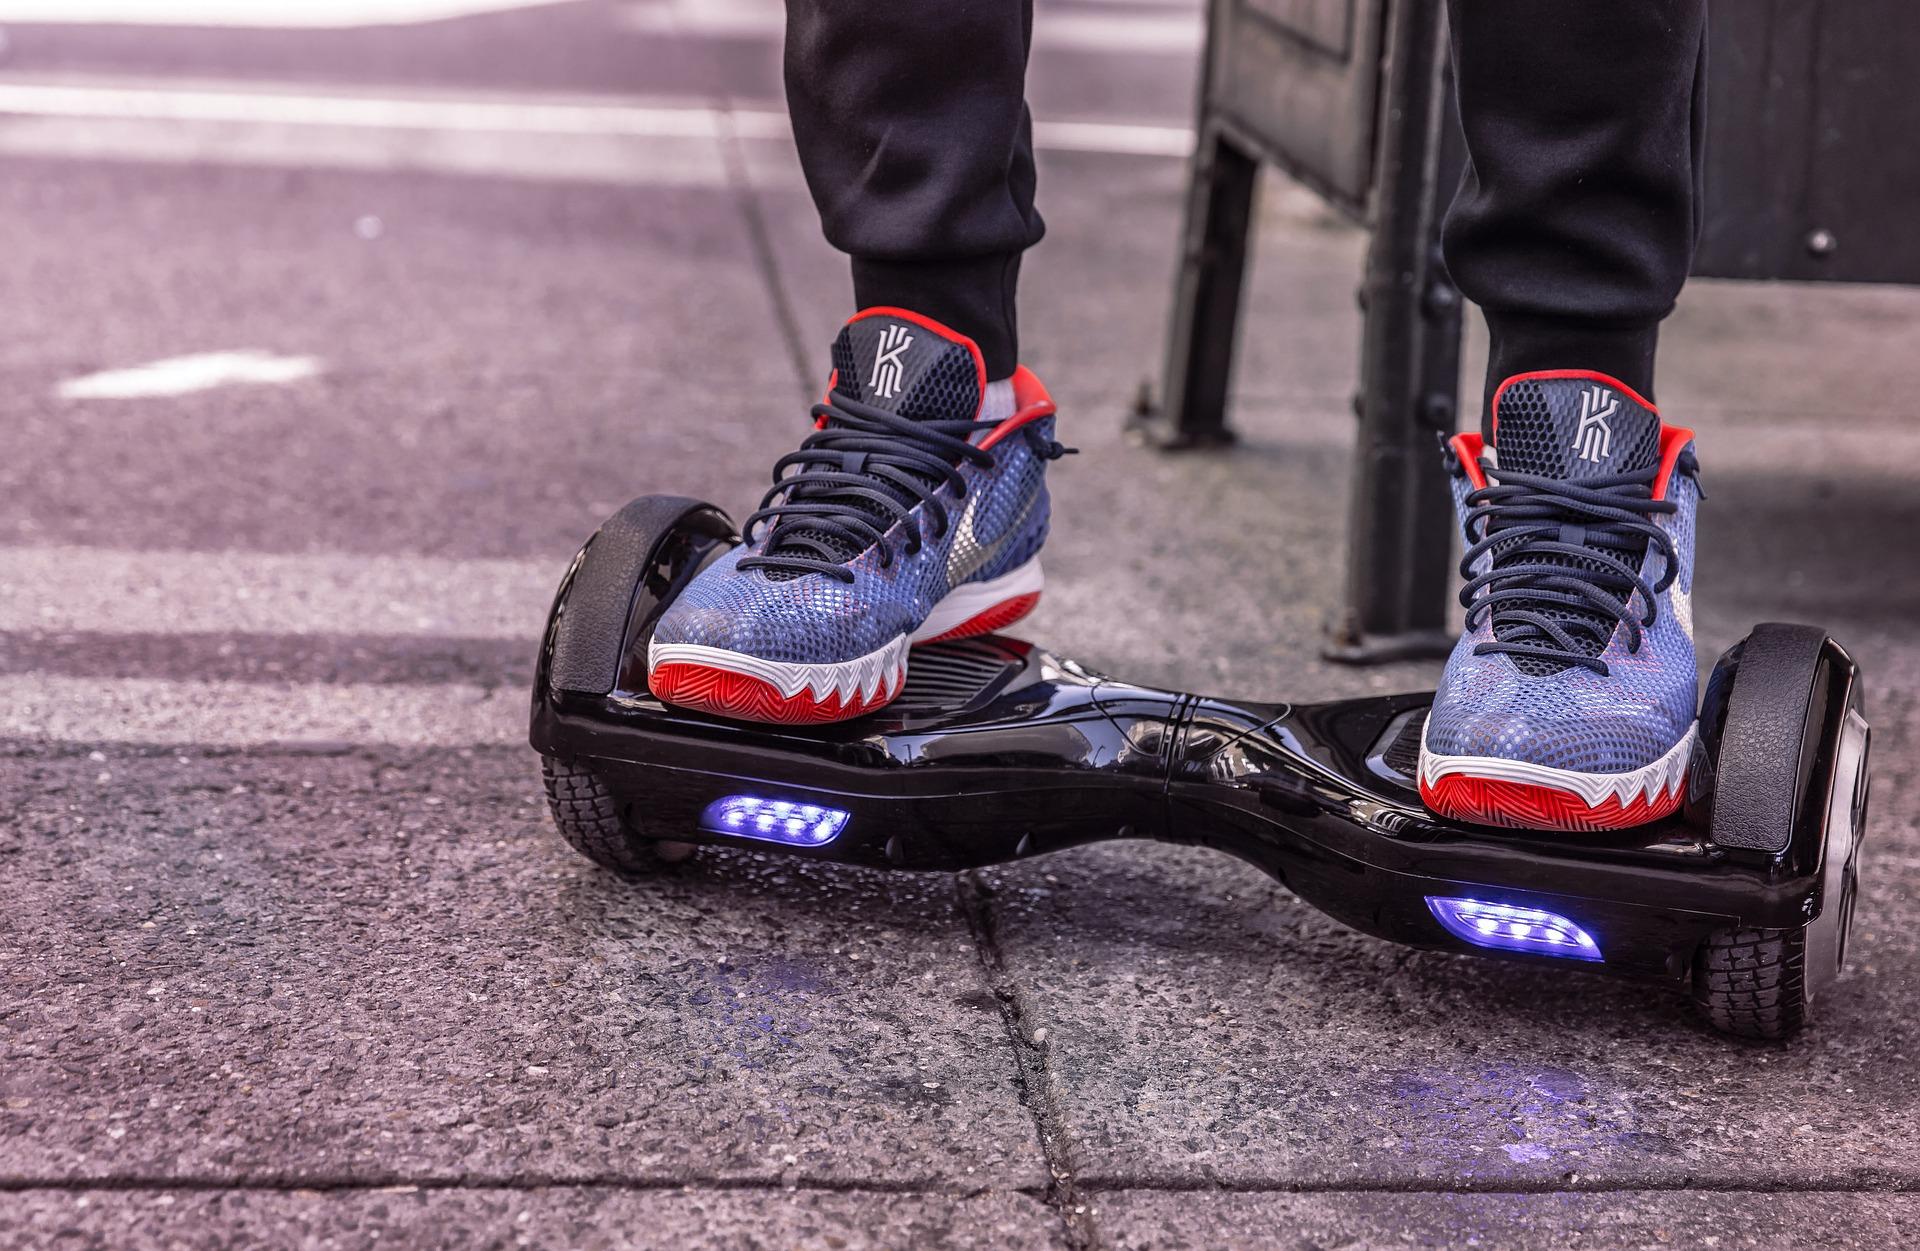 Skateboard elettrico: i migliori prodotti (09/21)